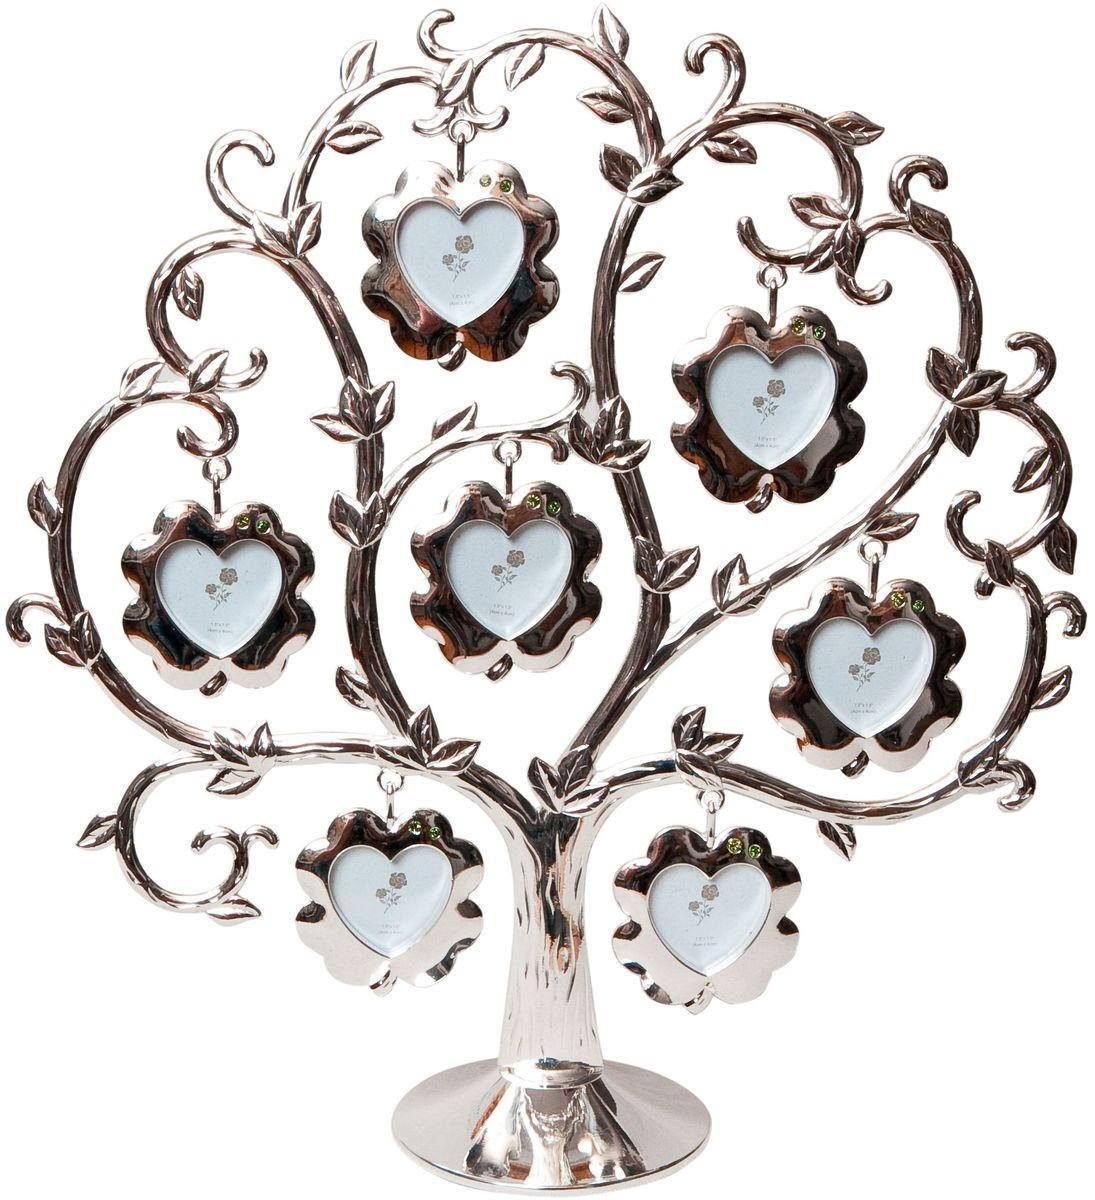 Фоторамка Platinum Дерево, цвет: светло-серый, на 7 фото, 4 x 4 см. PF9460BSБрелок для ключейДекоративная фоторамка Platinum Дерево выполнена из металла. На подставку в виде деревца подвешиваются семь рамочек в форме цветочков, украшенных стразами. Изысканная и эффектная, эта потрясающая рамочка покорит своей красотой и изумительным качеством исполнения. Фоторамка Platinum Дерево не только украсит интерьер помещения, но и поможет разместить фото всей вашей семьи. Высота фоторамки: 25 см. Фоторамка подходит для фотографий 4 х 4 см.Общий размер фоторамки: 24 х 5 х 25 см.